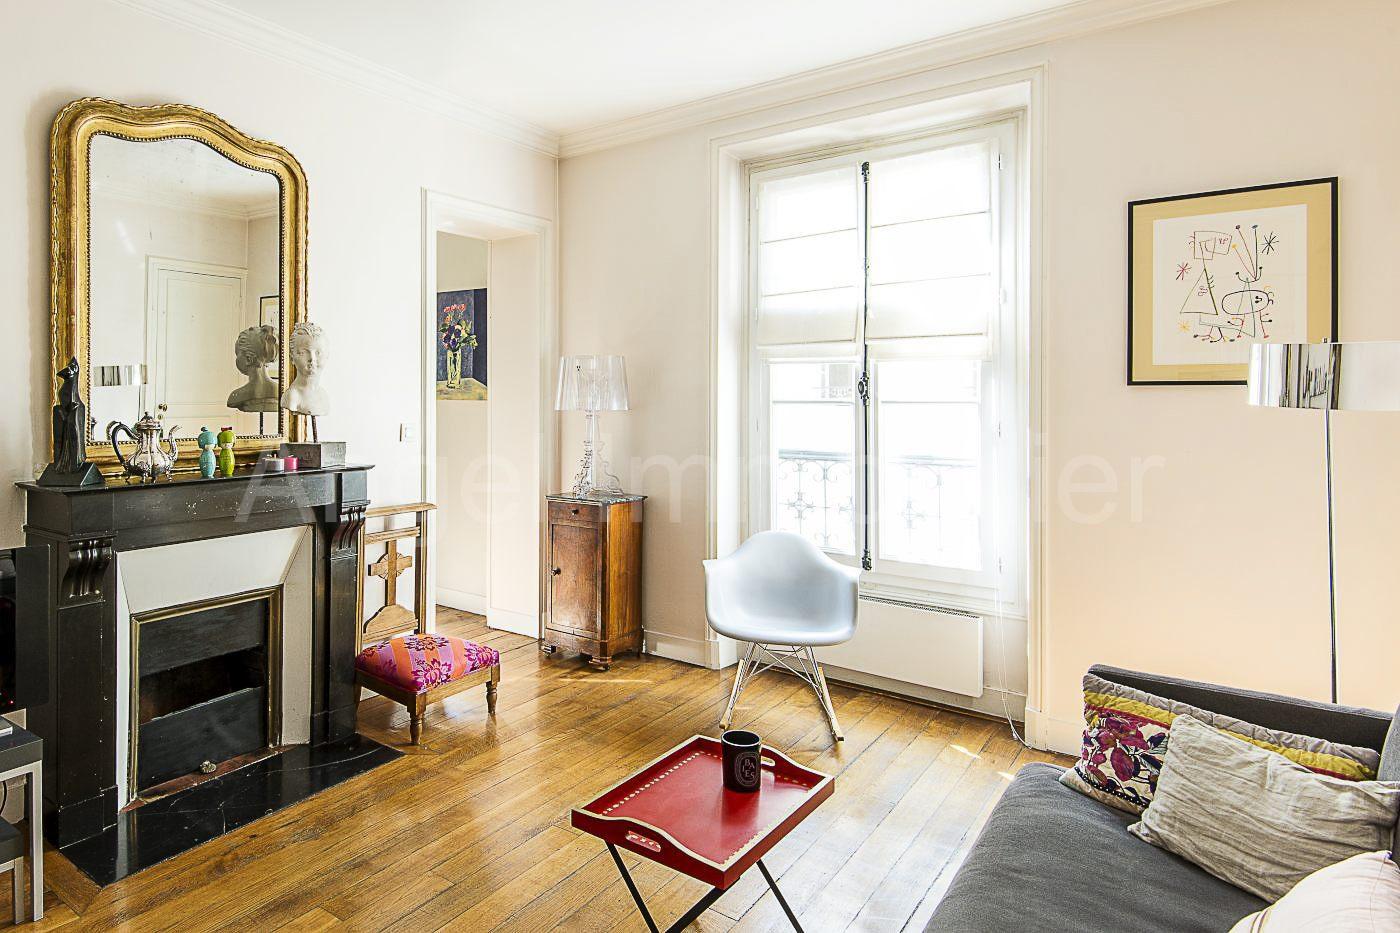 2 pièces, rue Cler Paris 7ème